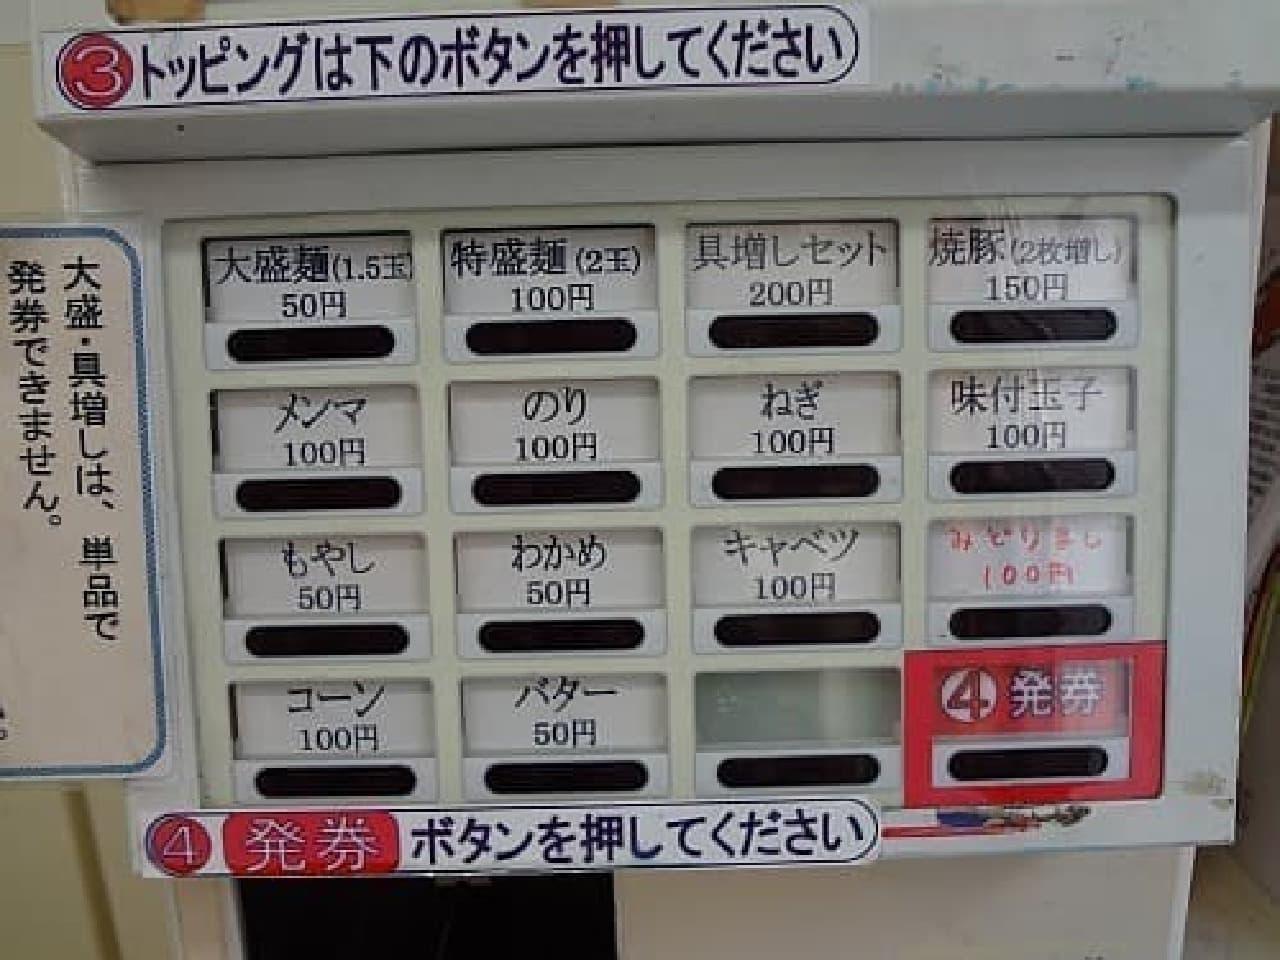 ミドリムシ不足の方は、100円で「みどりまし」も可能ですよ!